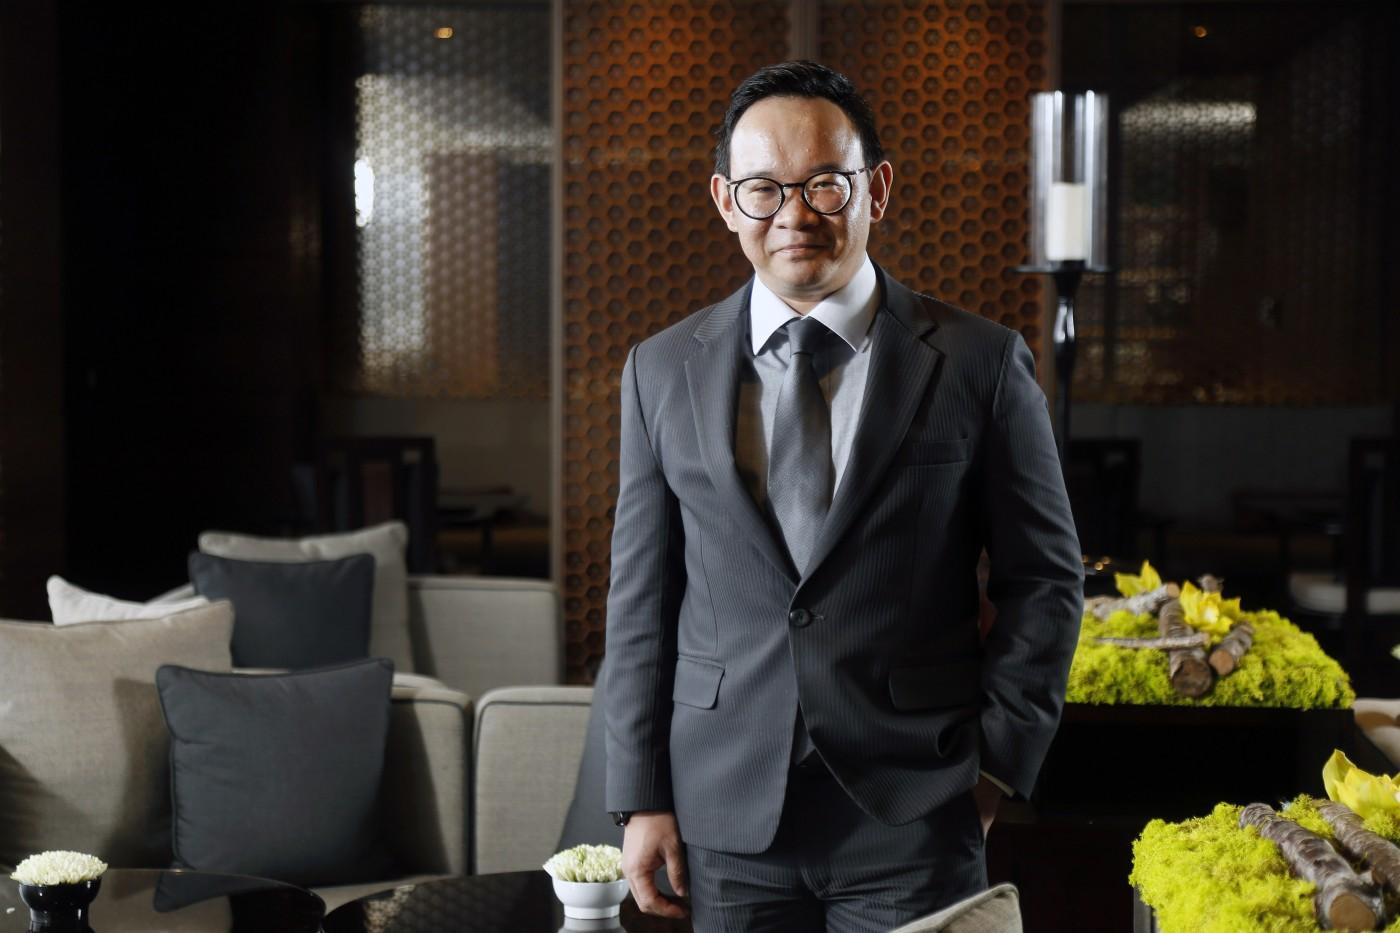 8天創造8200萬元線上銷售,晶華如何讓老飯店變身大電商